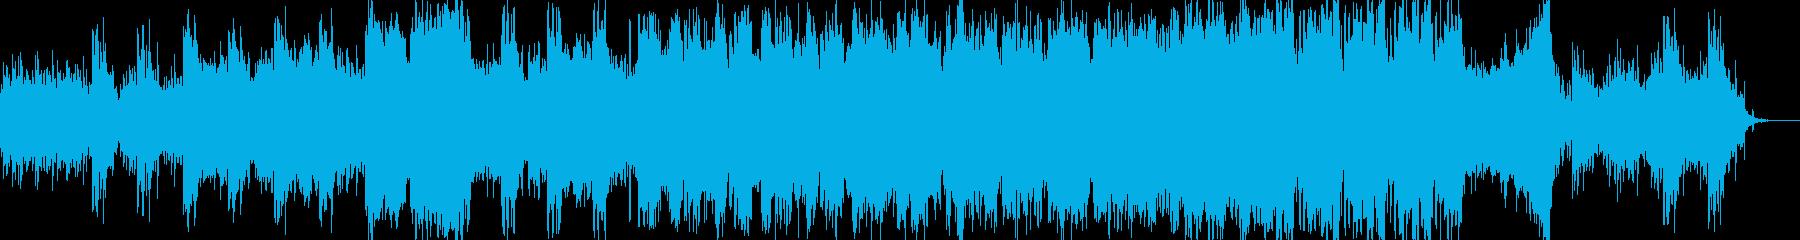 【軍・スポーツ系】作戦行動BGM03の再生済みの波形